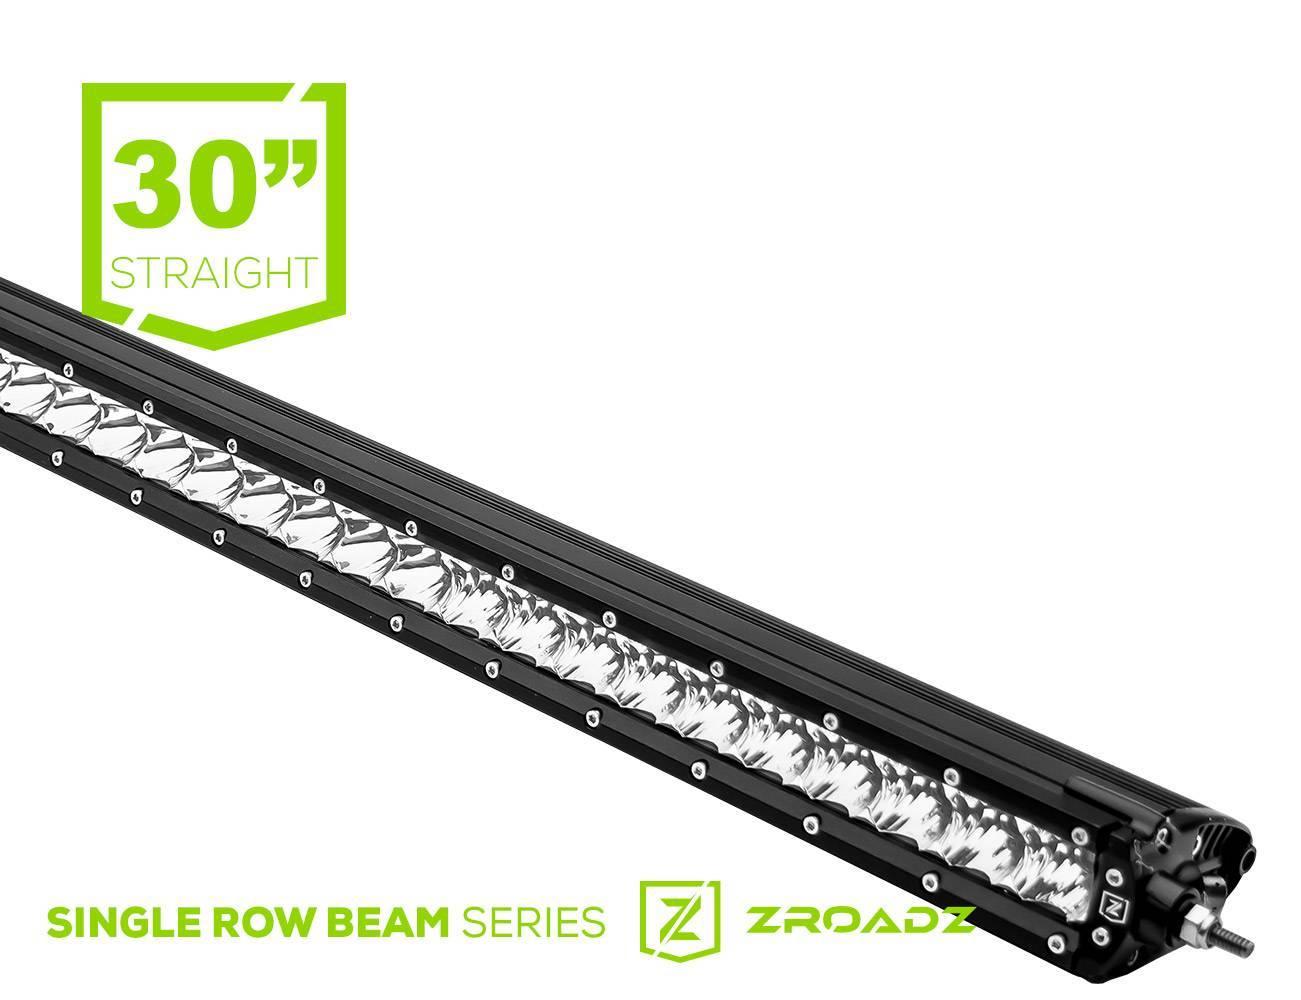 ZROADZ - 30 Inch LED Straight Single Row Slim Light Bar - PN #Z30S1-30-P7EJ